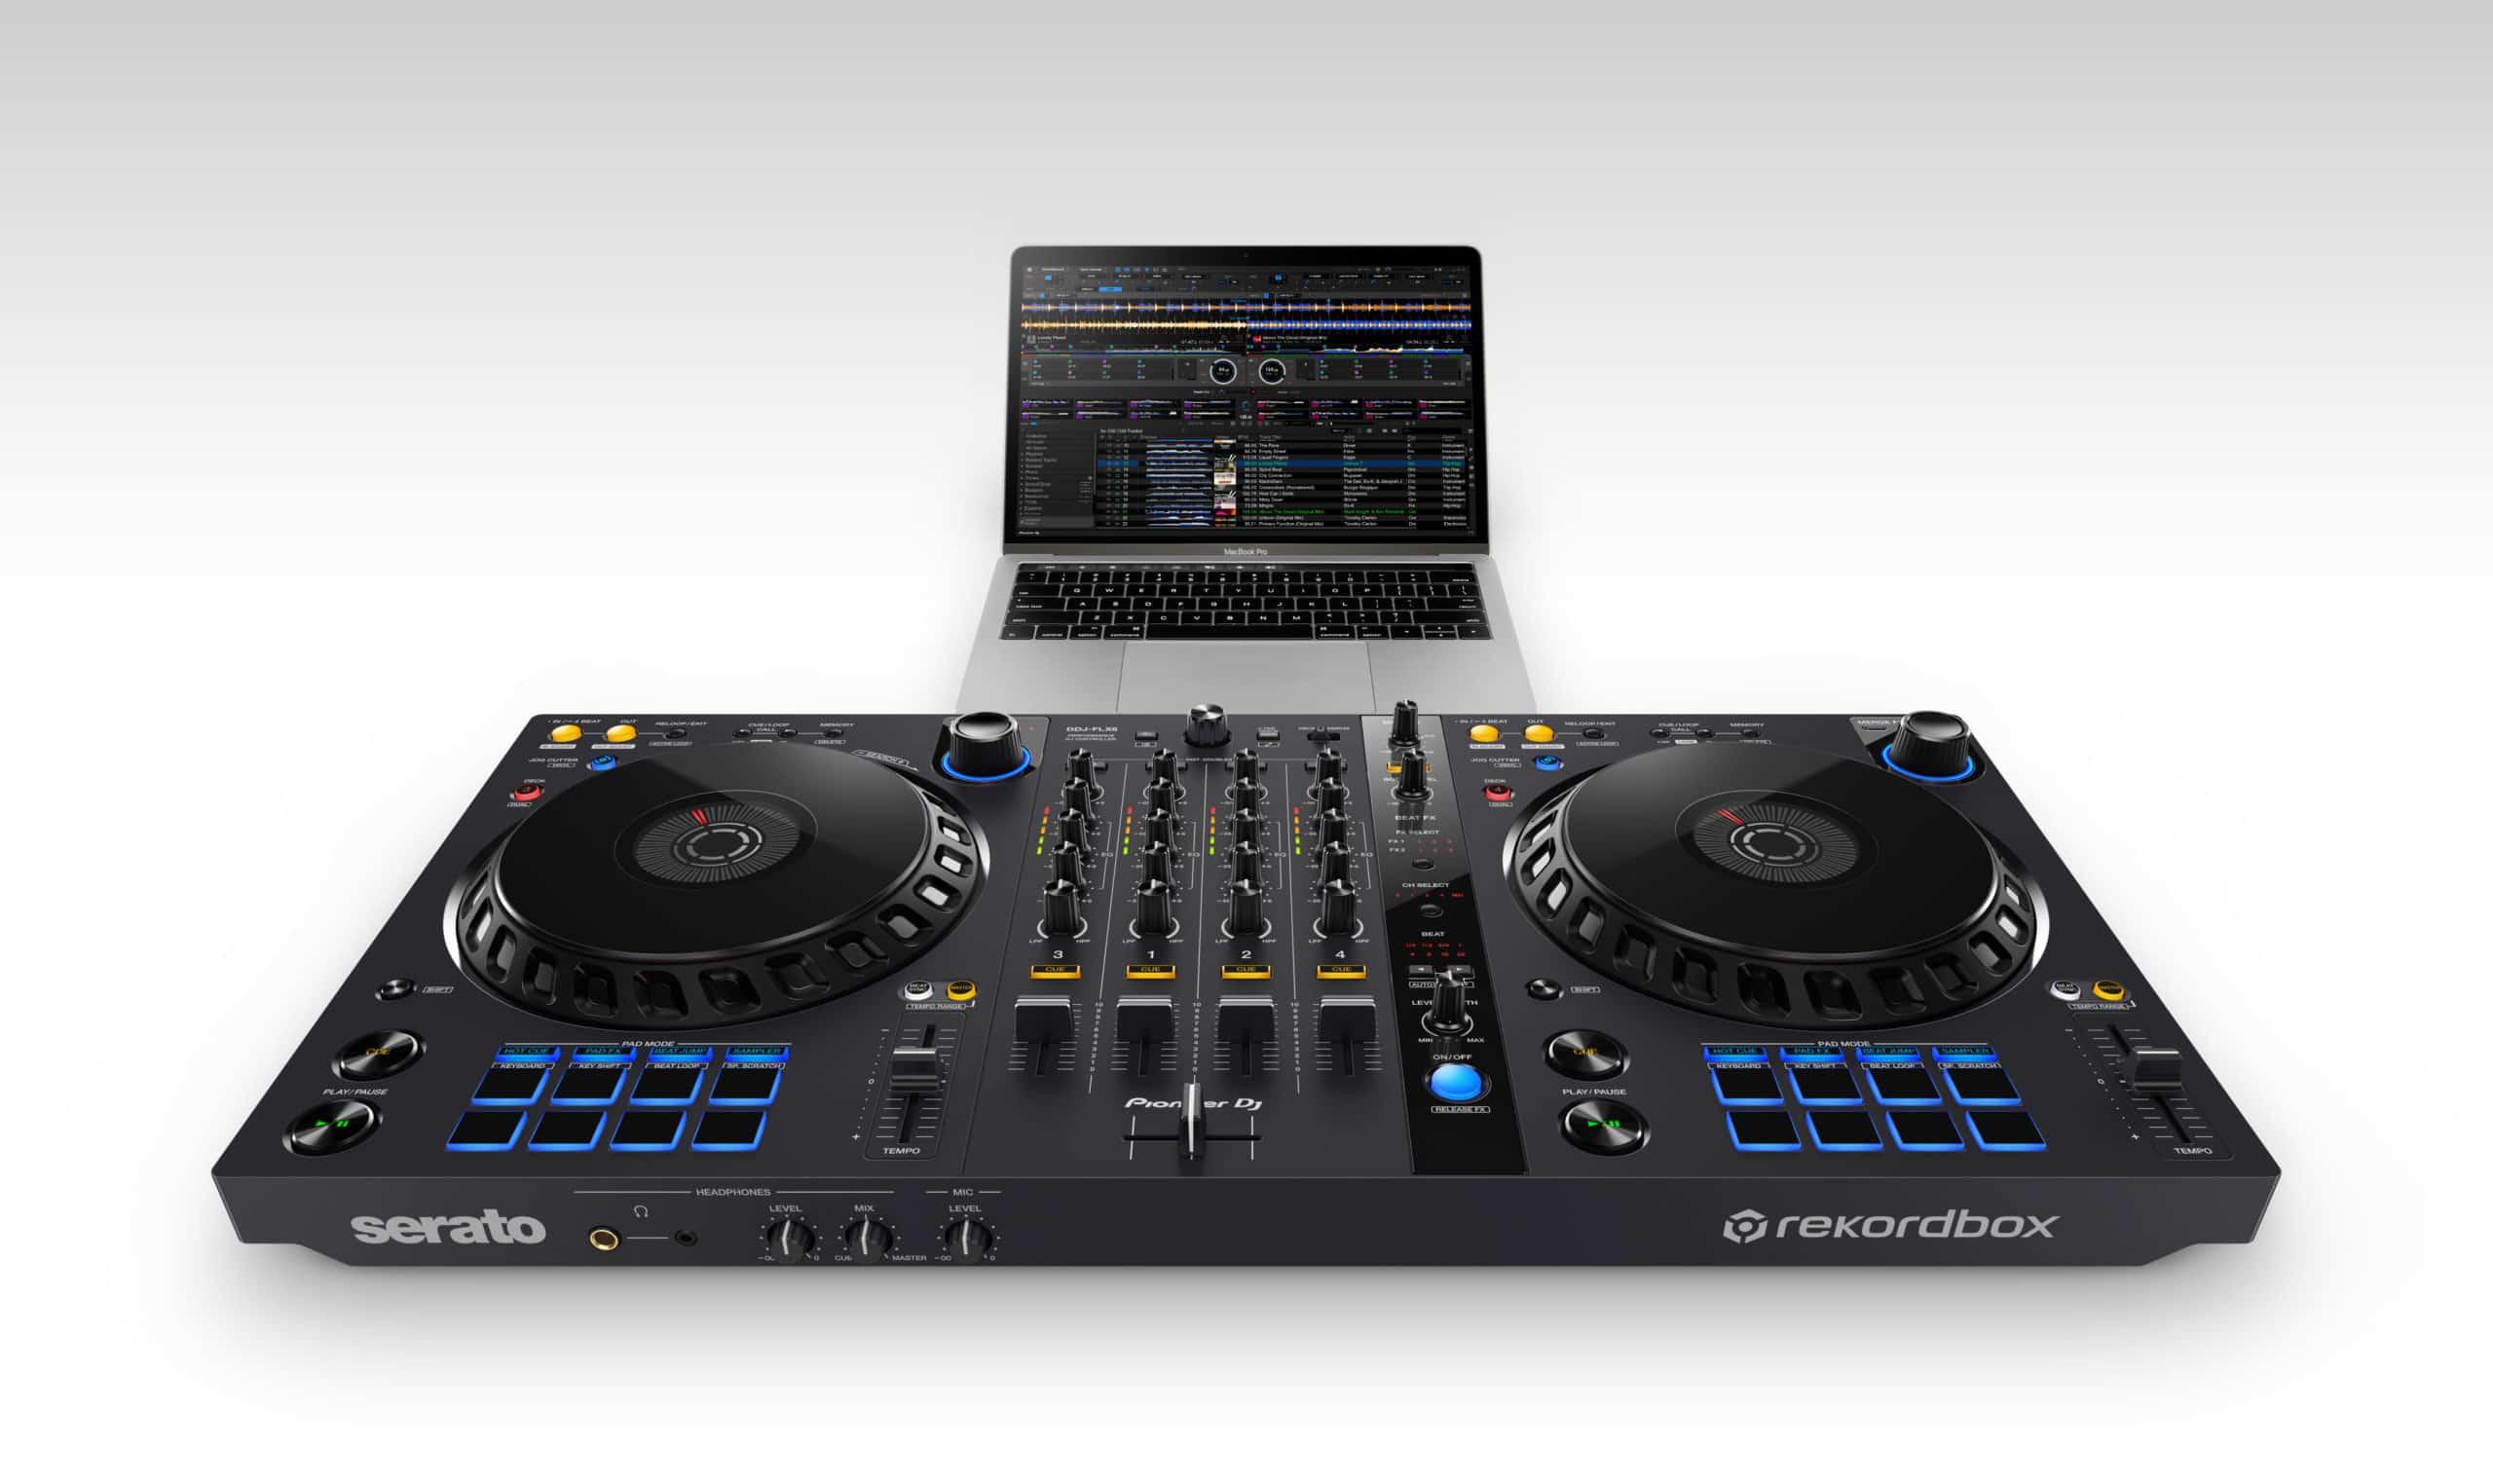 Nuevo DDJ-FLX6 de Pioneer DJ: un controlador Rekordbox / Serato DJ con nuevas funciones FX y scratch 1